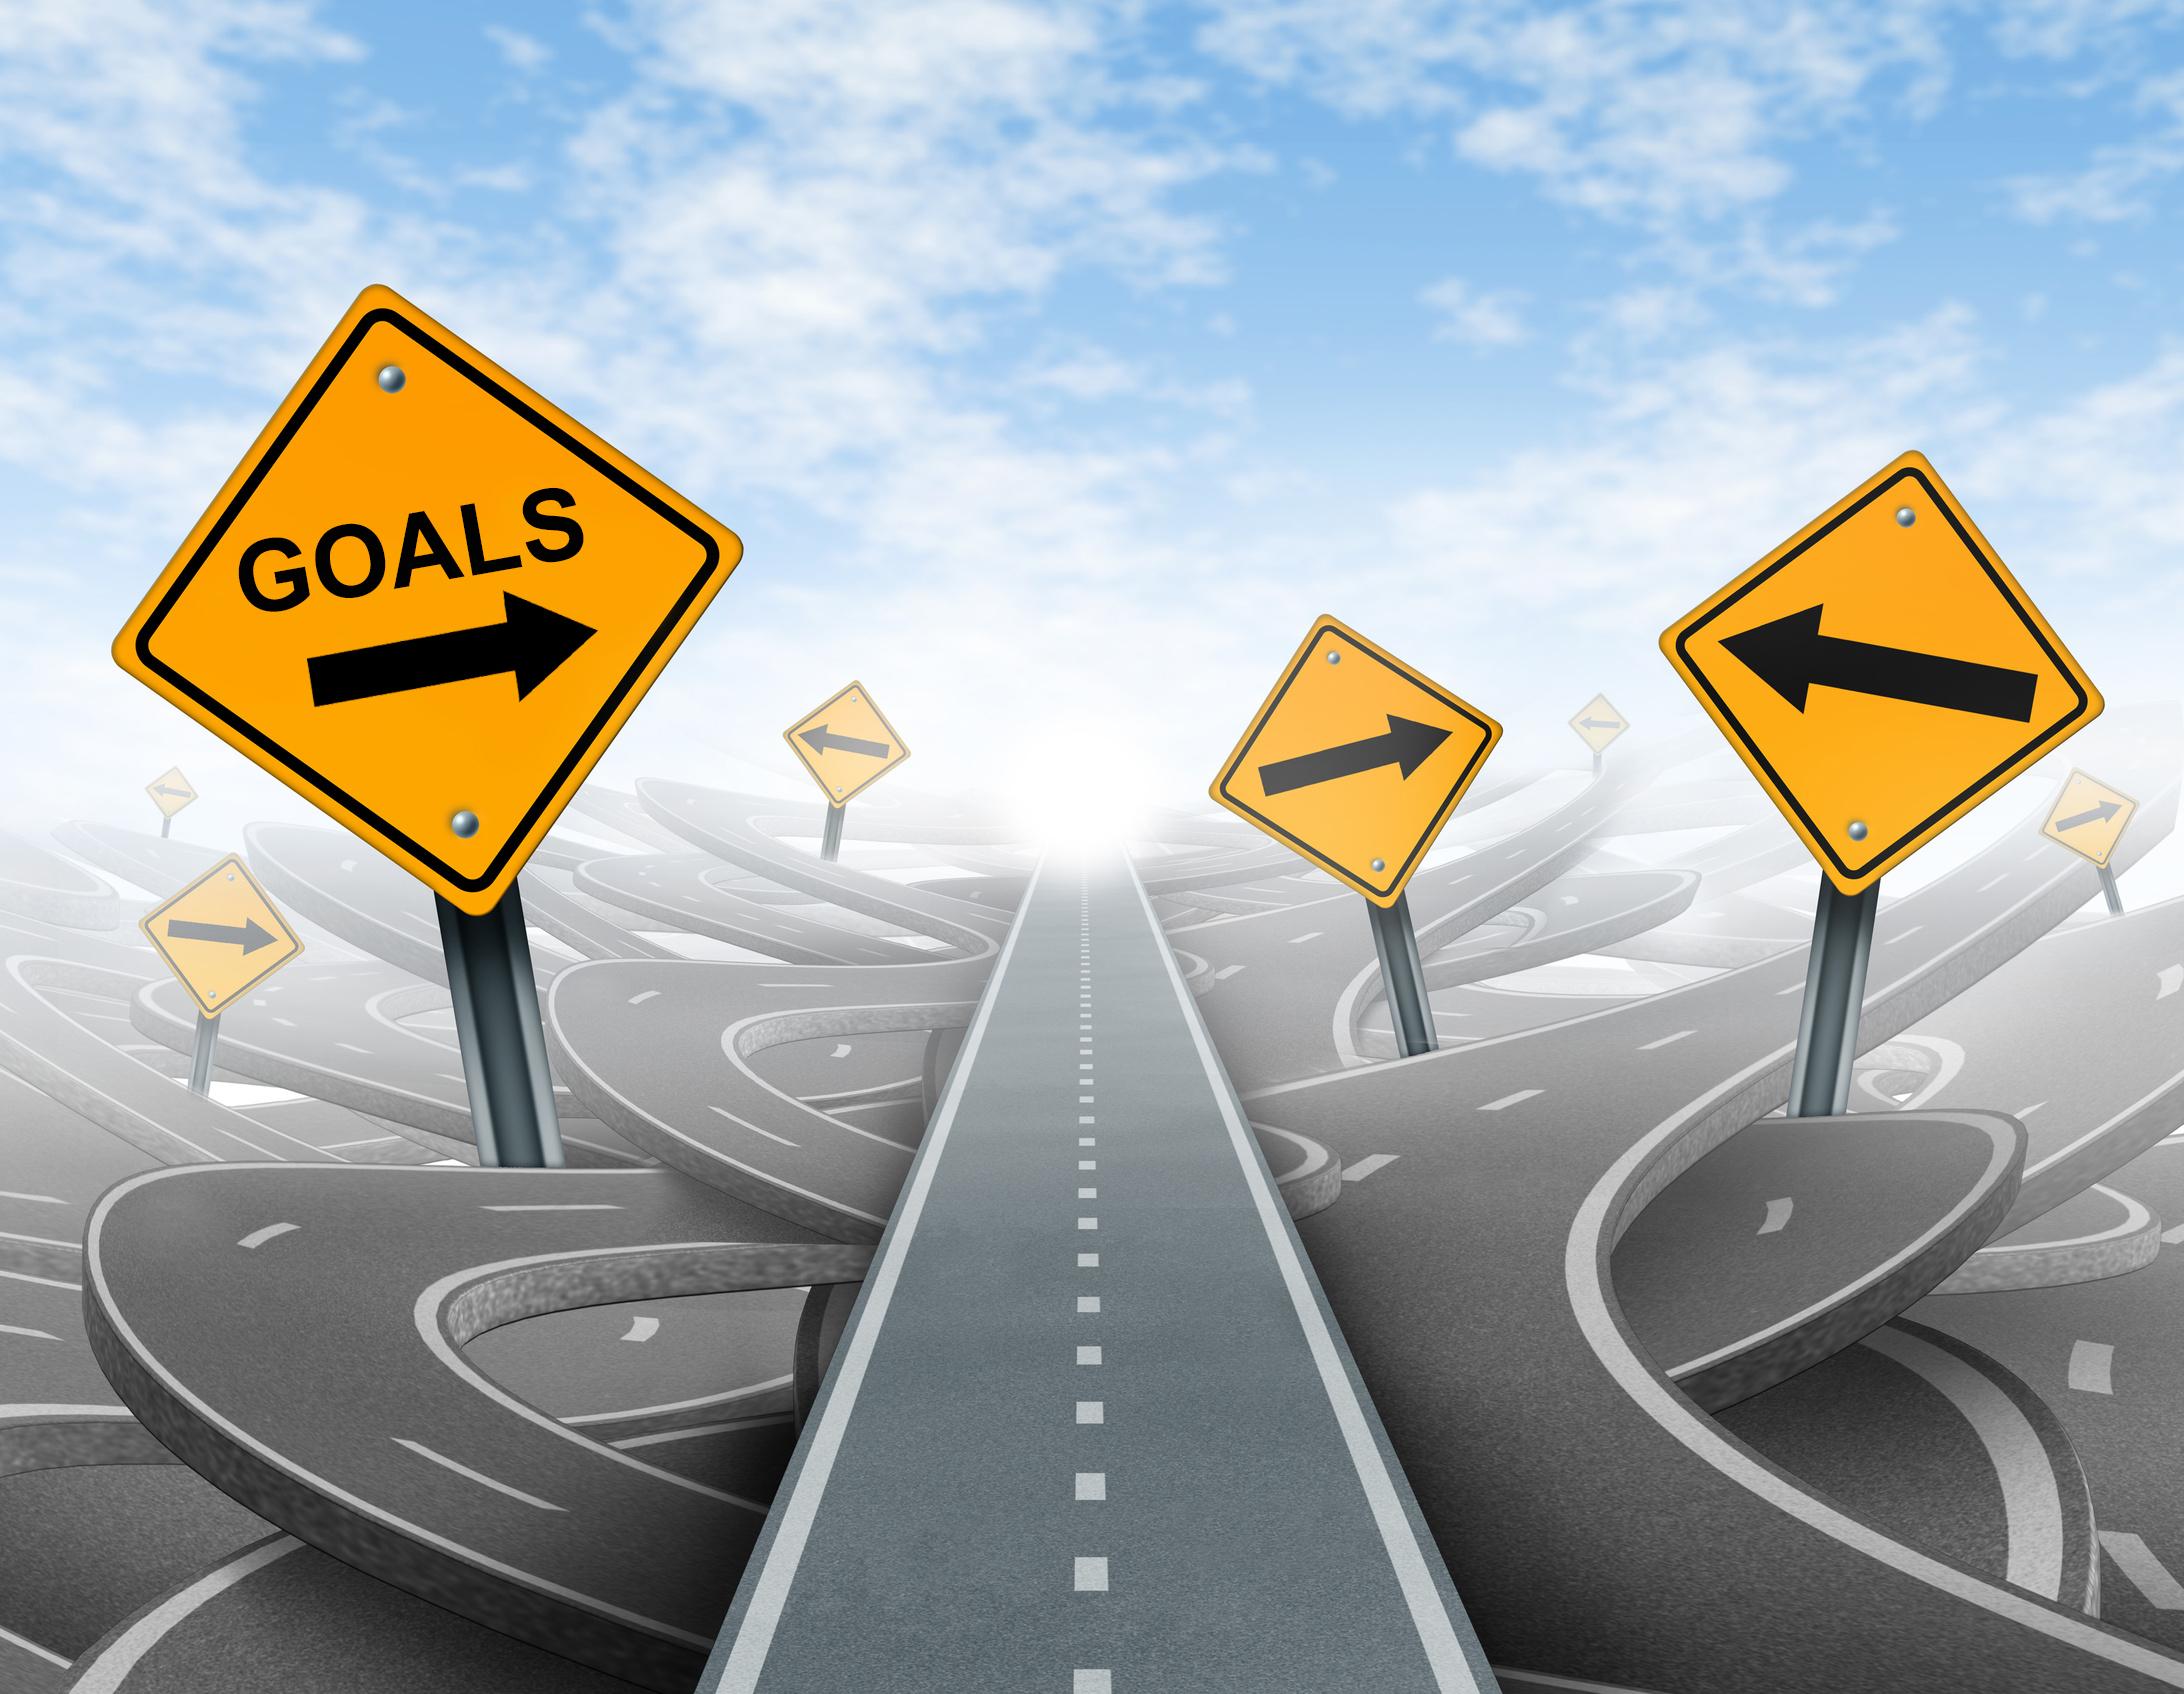 چگونه پیشبینی واقعبینانه تری نسبت به اهداف خود داشته باشیم؟